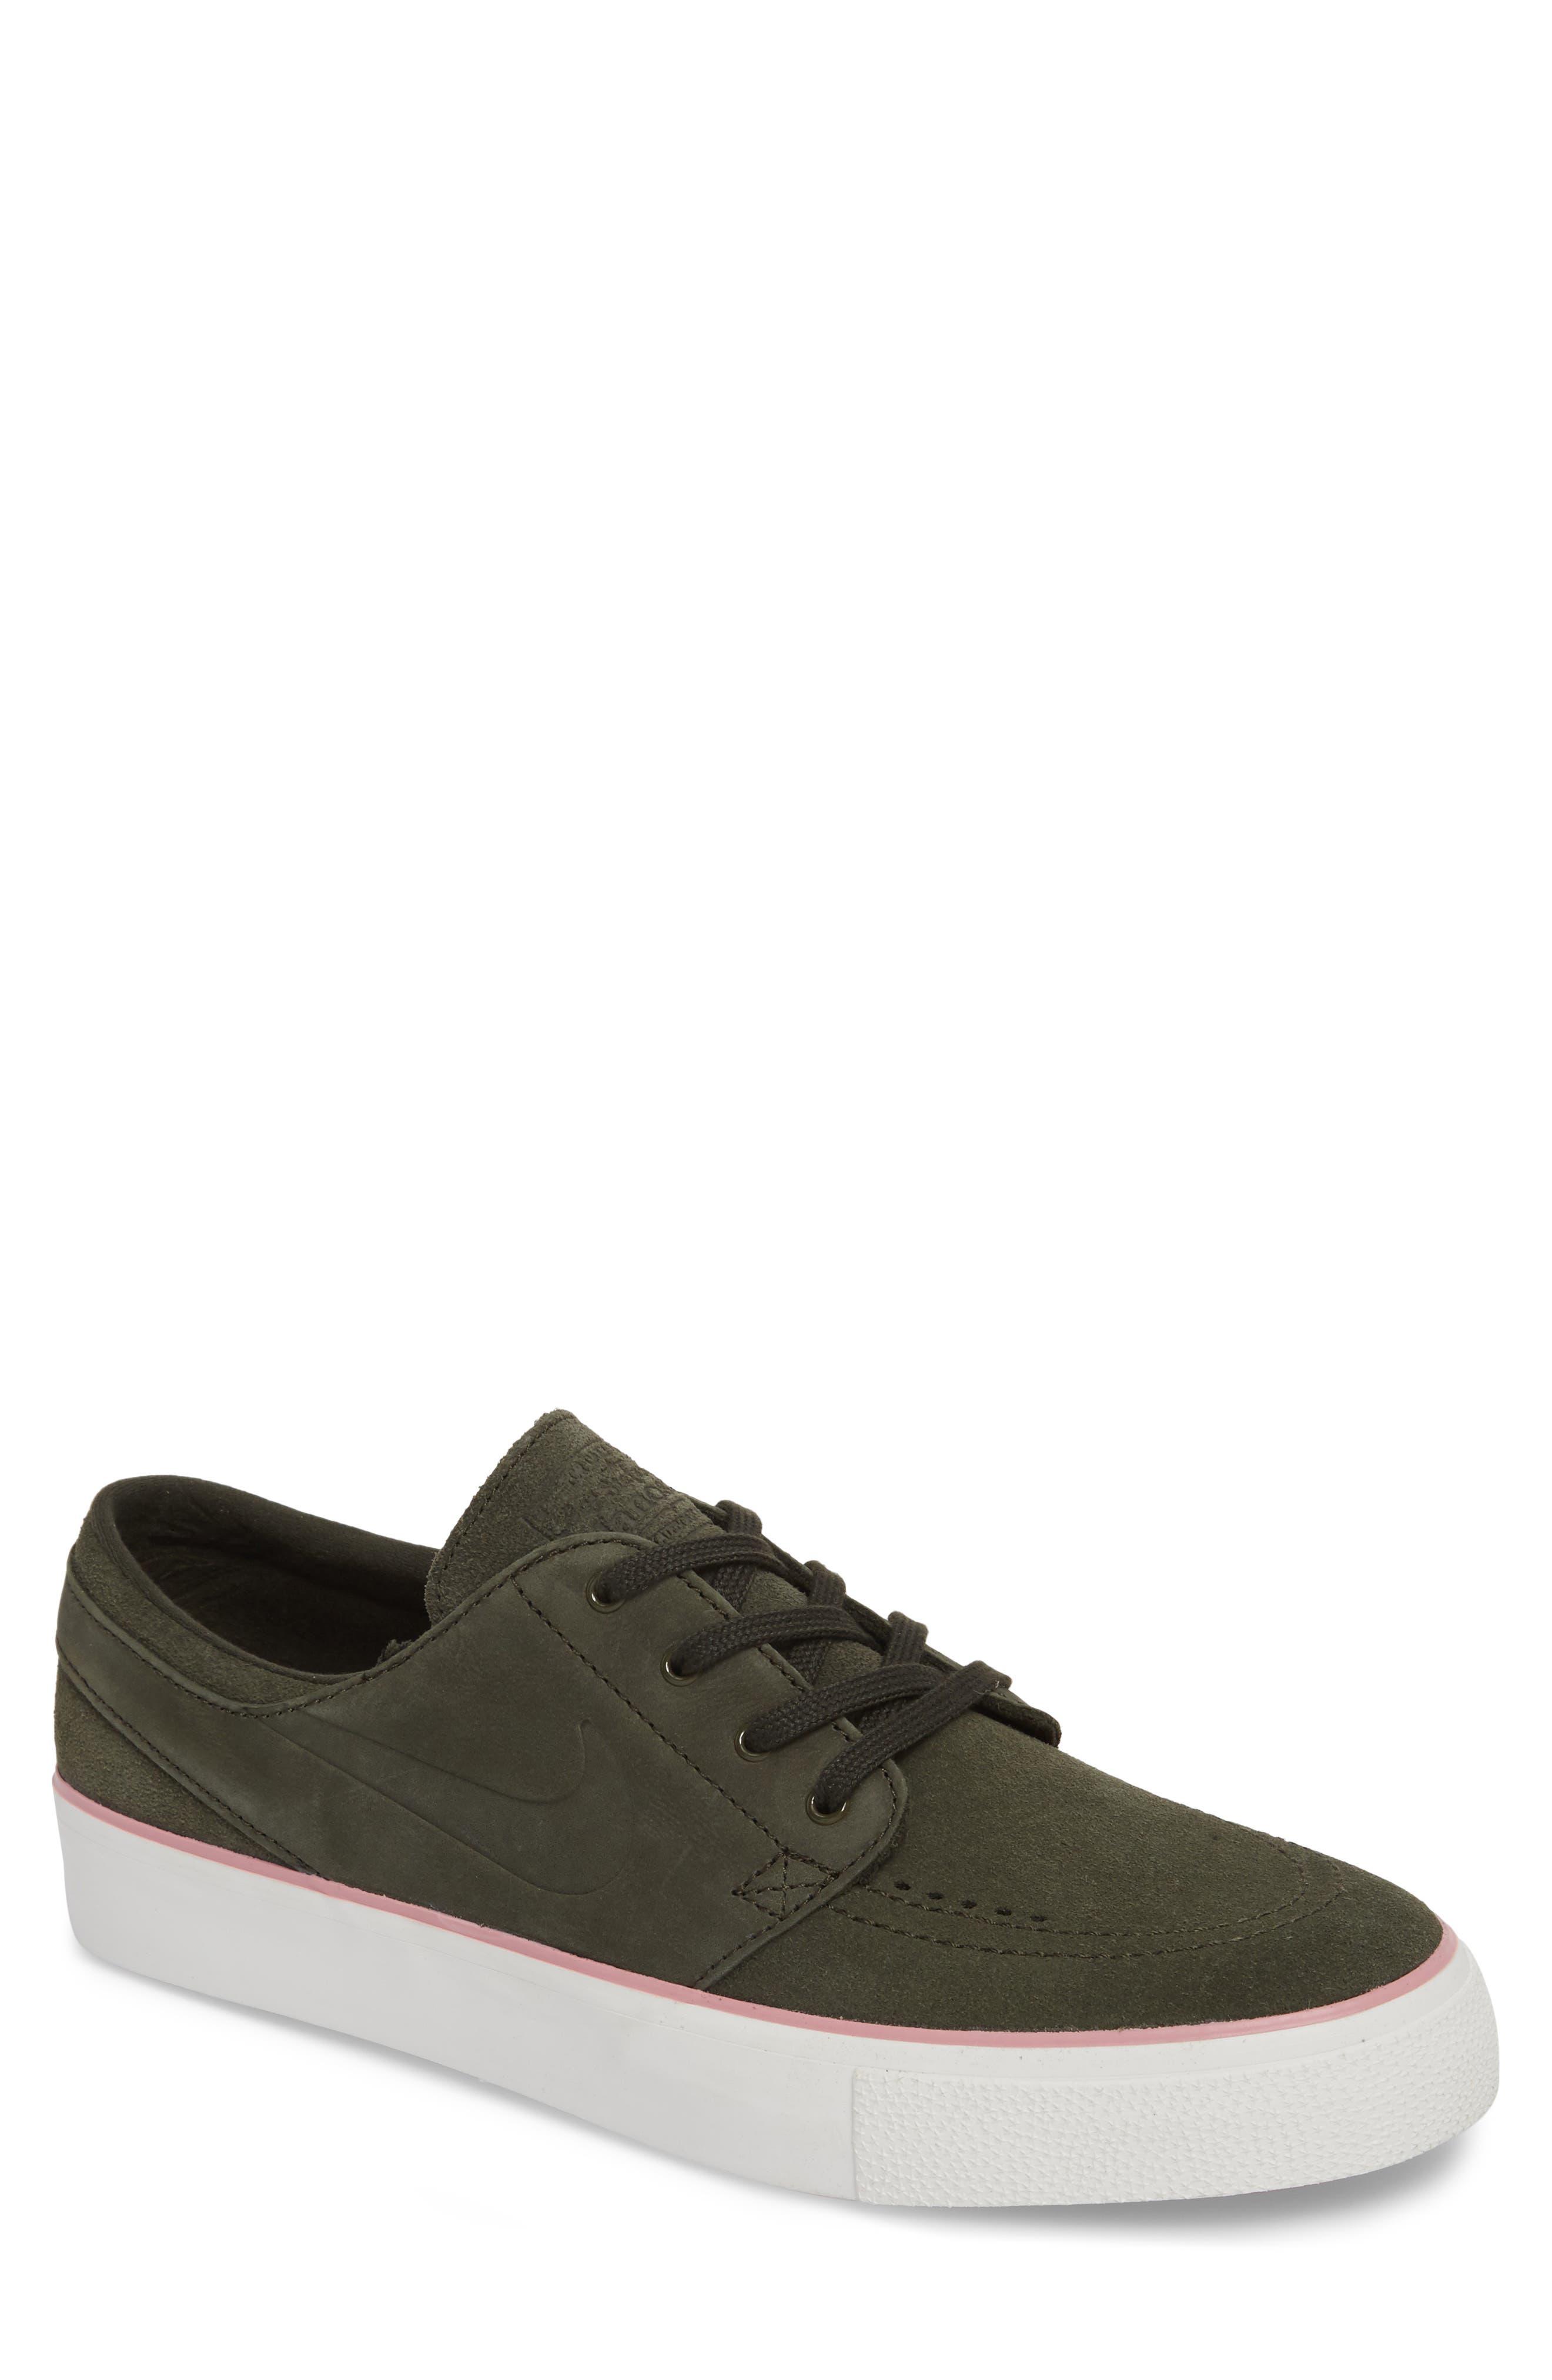 Zoom - Stefan Janoski SB Low Top Sneaker,                         Main,                         color, 300